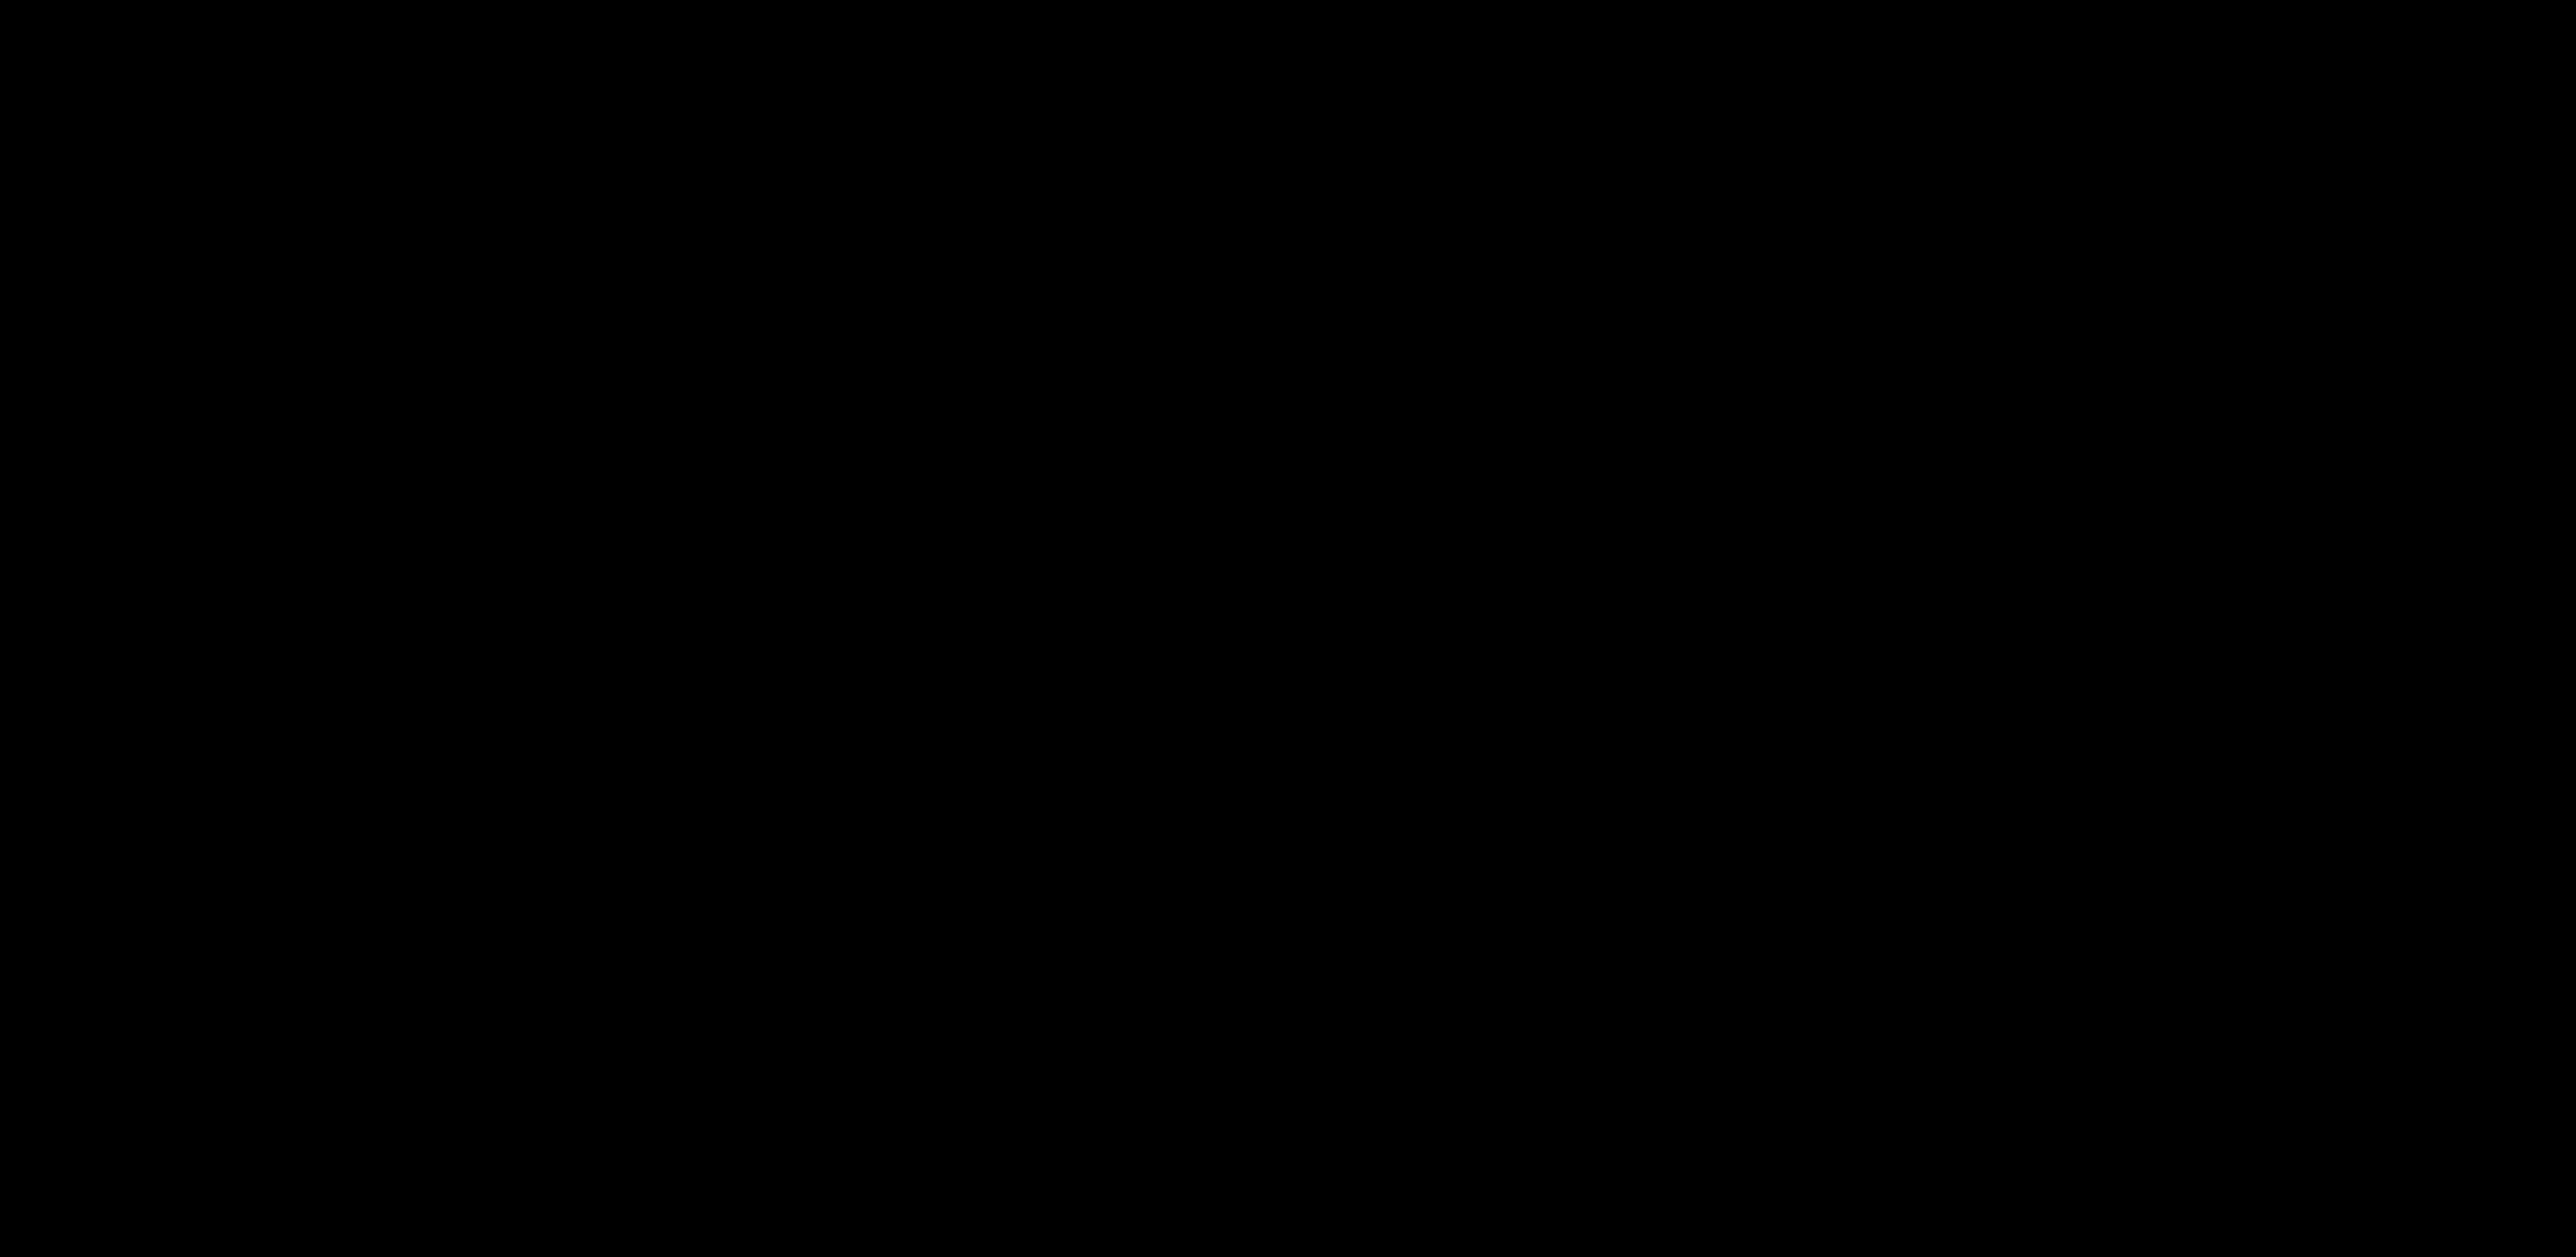 Aafbelding - TICKETS BIER&BIG ONLINE